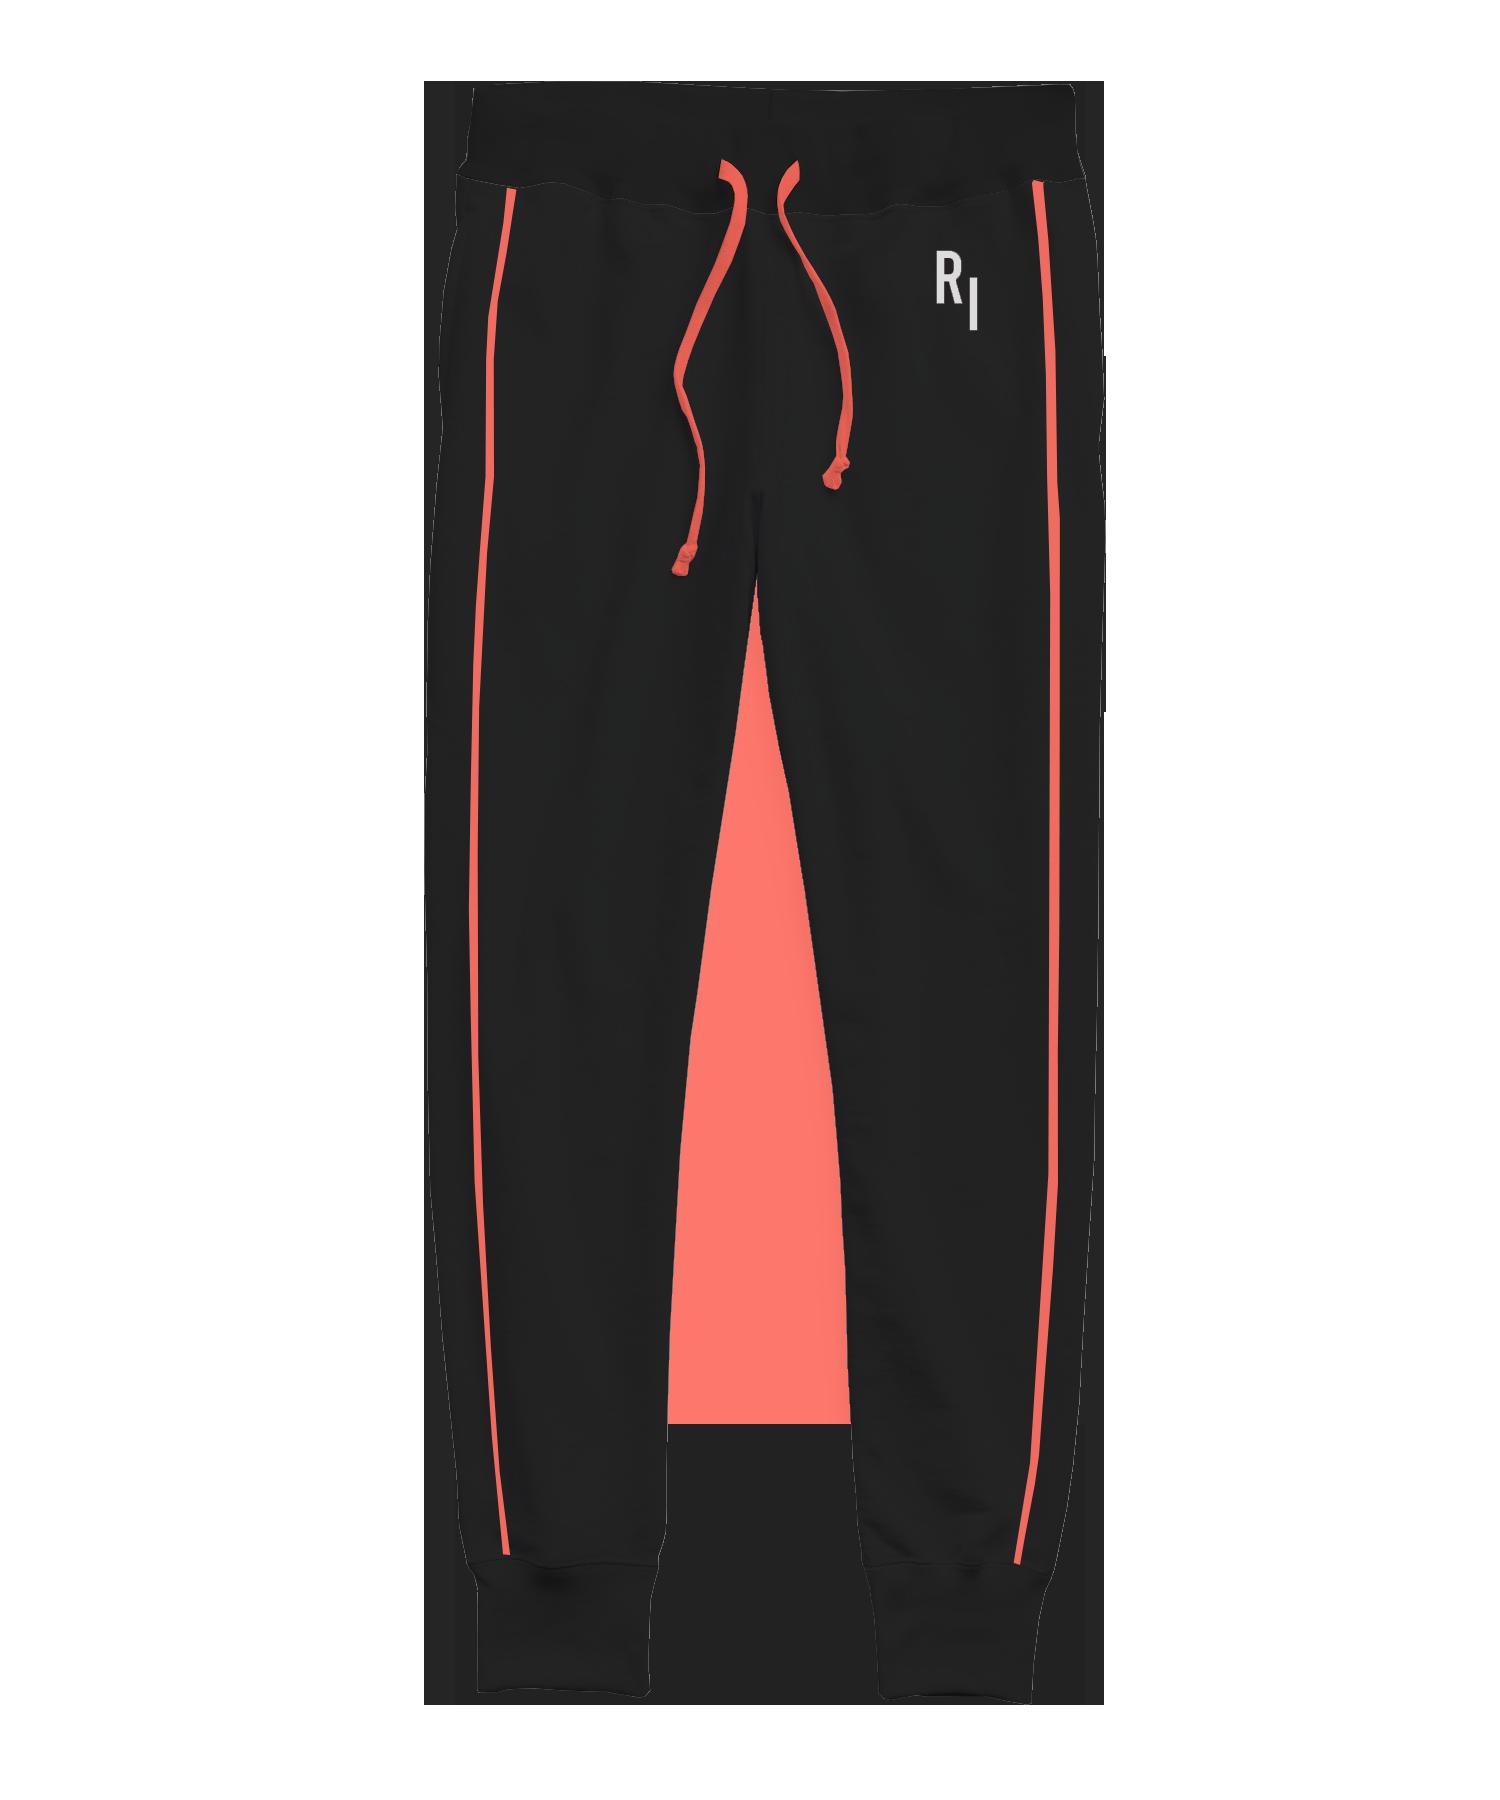 spodnie_dresowe_Rascal-szycie_odzieży_na_zamówienie